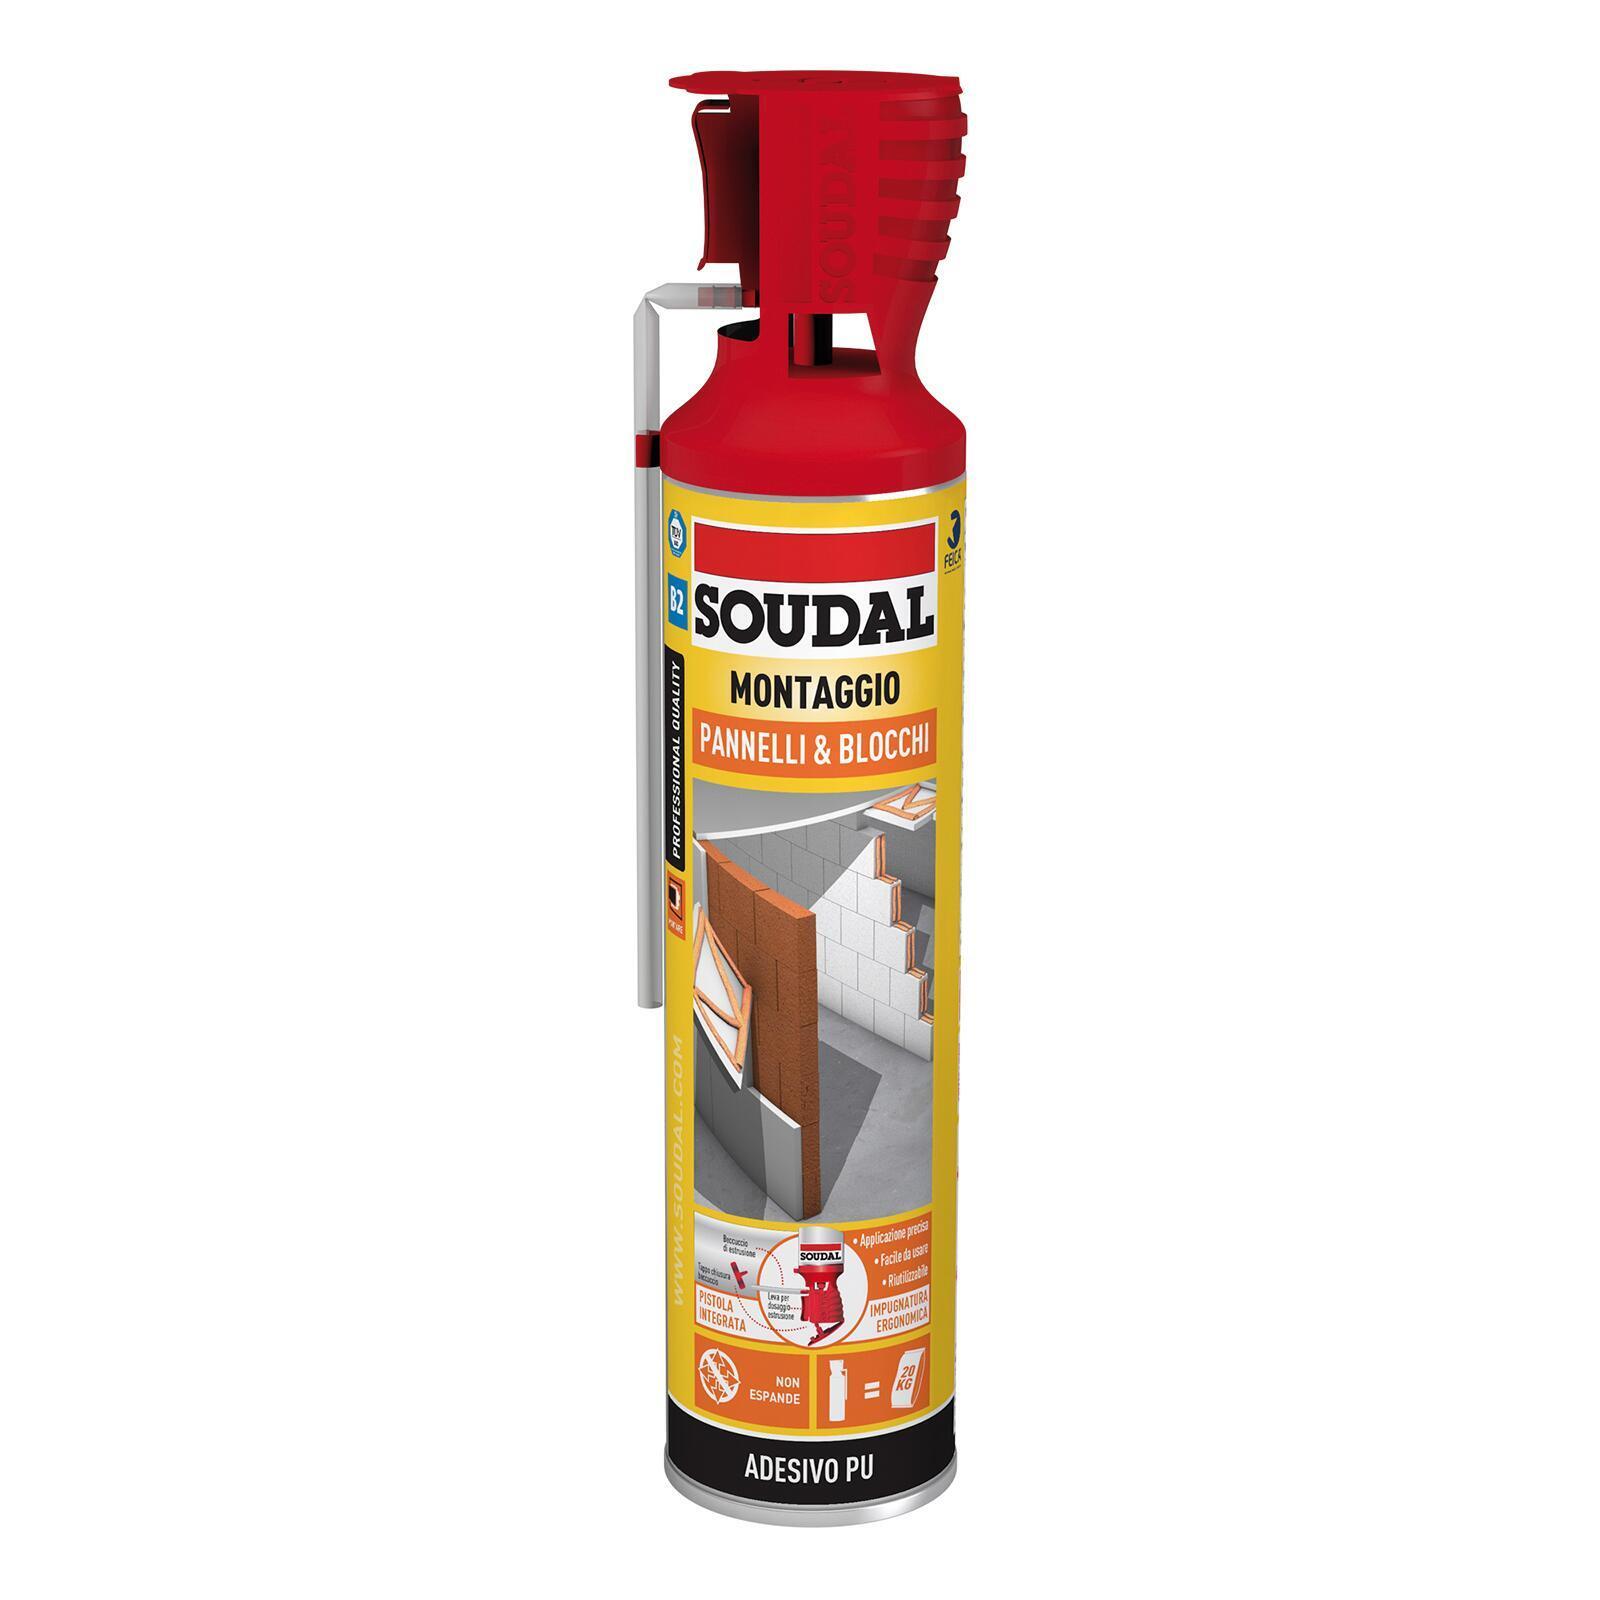 Schiuma poliuretanica SOUDAL Pannelli e blocchi rame per pannello 0,6 ml - 2